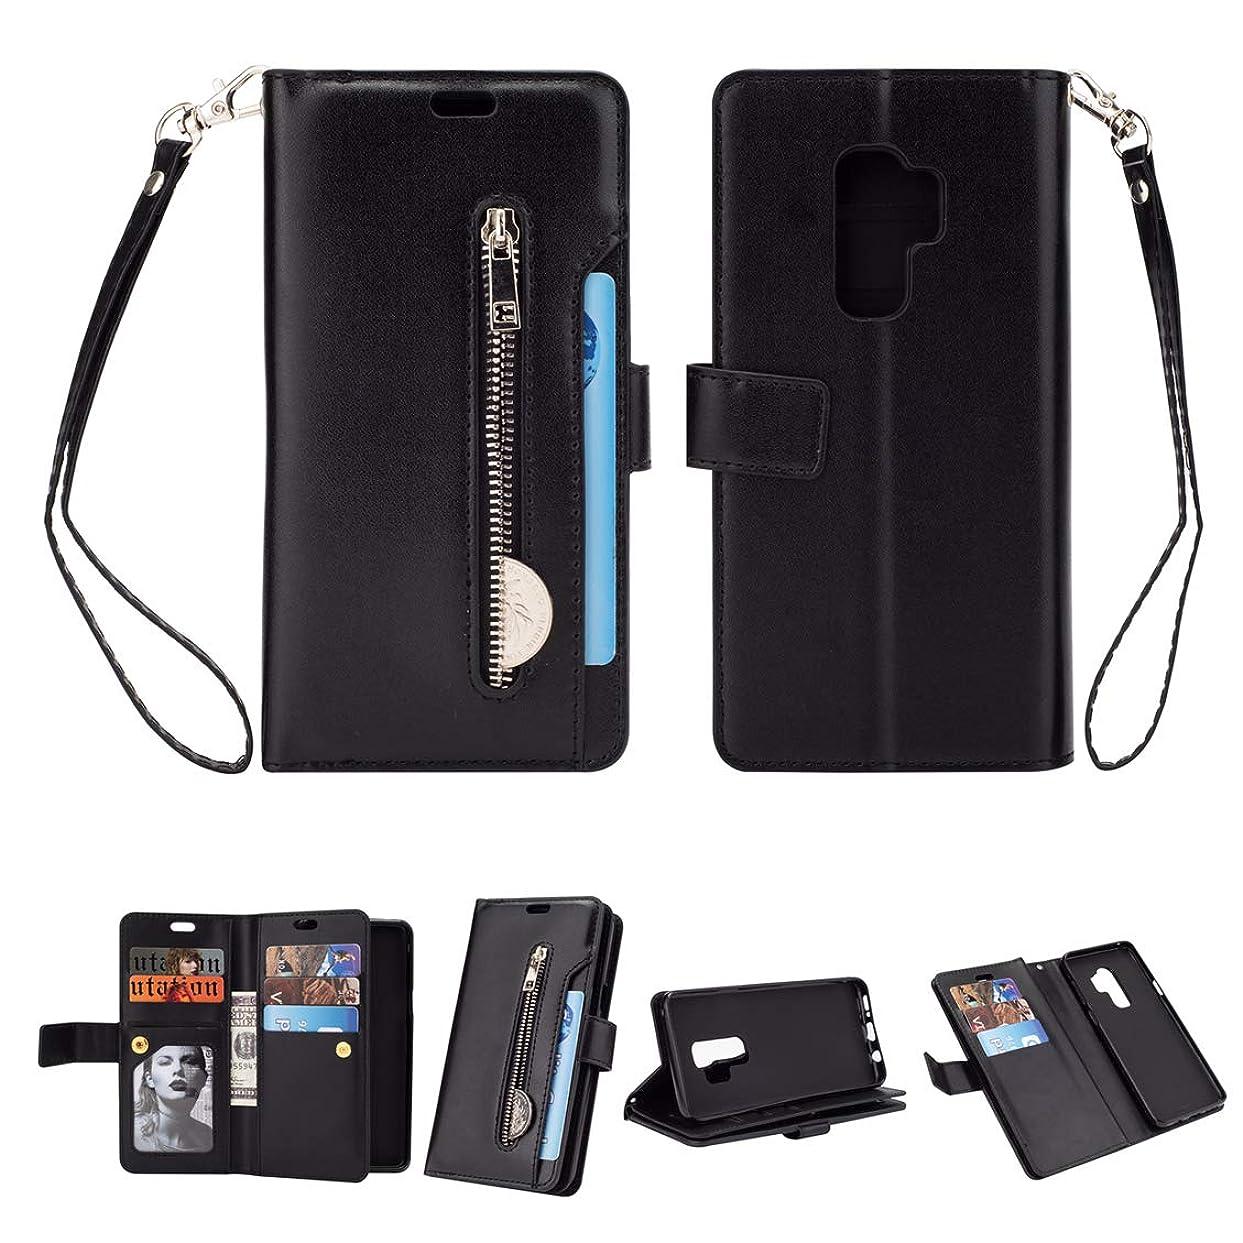 みぞれ遺体安置所デッドロックGalaxy S9 Plus ケース Iproods SC-03K SCV39 ケース 手帳型 カード収納 スタンド機能 耐衝撃 人気 おしゃれ ギャラクシーS9 プラス カバー 電磁波干渉防止シートとタッチペン付き ブラック